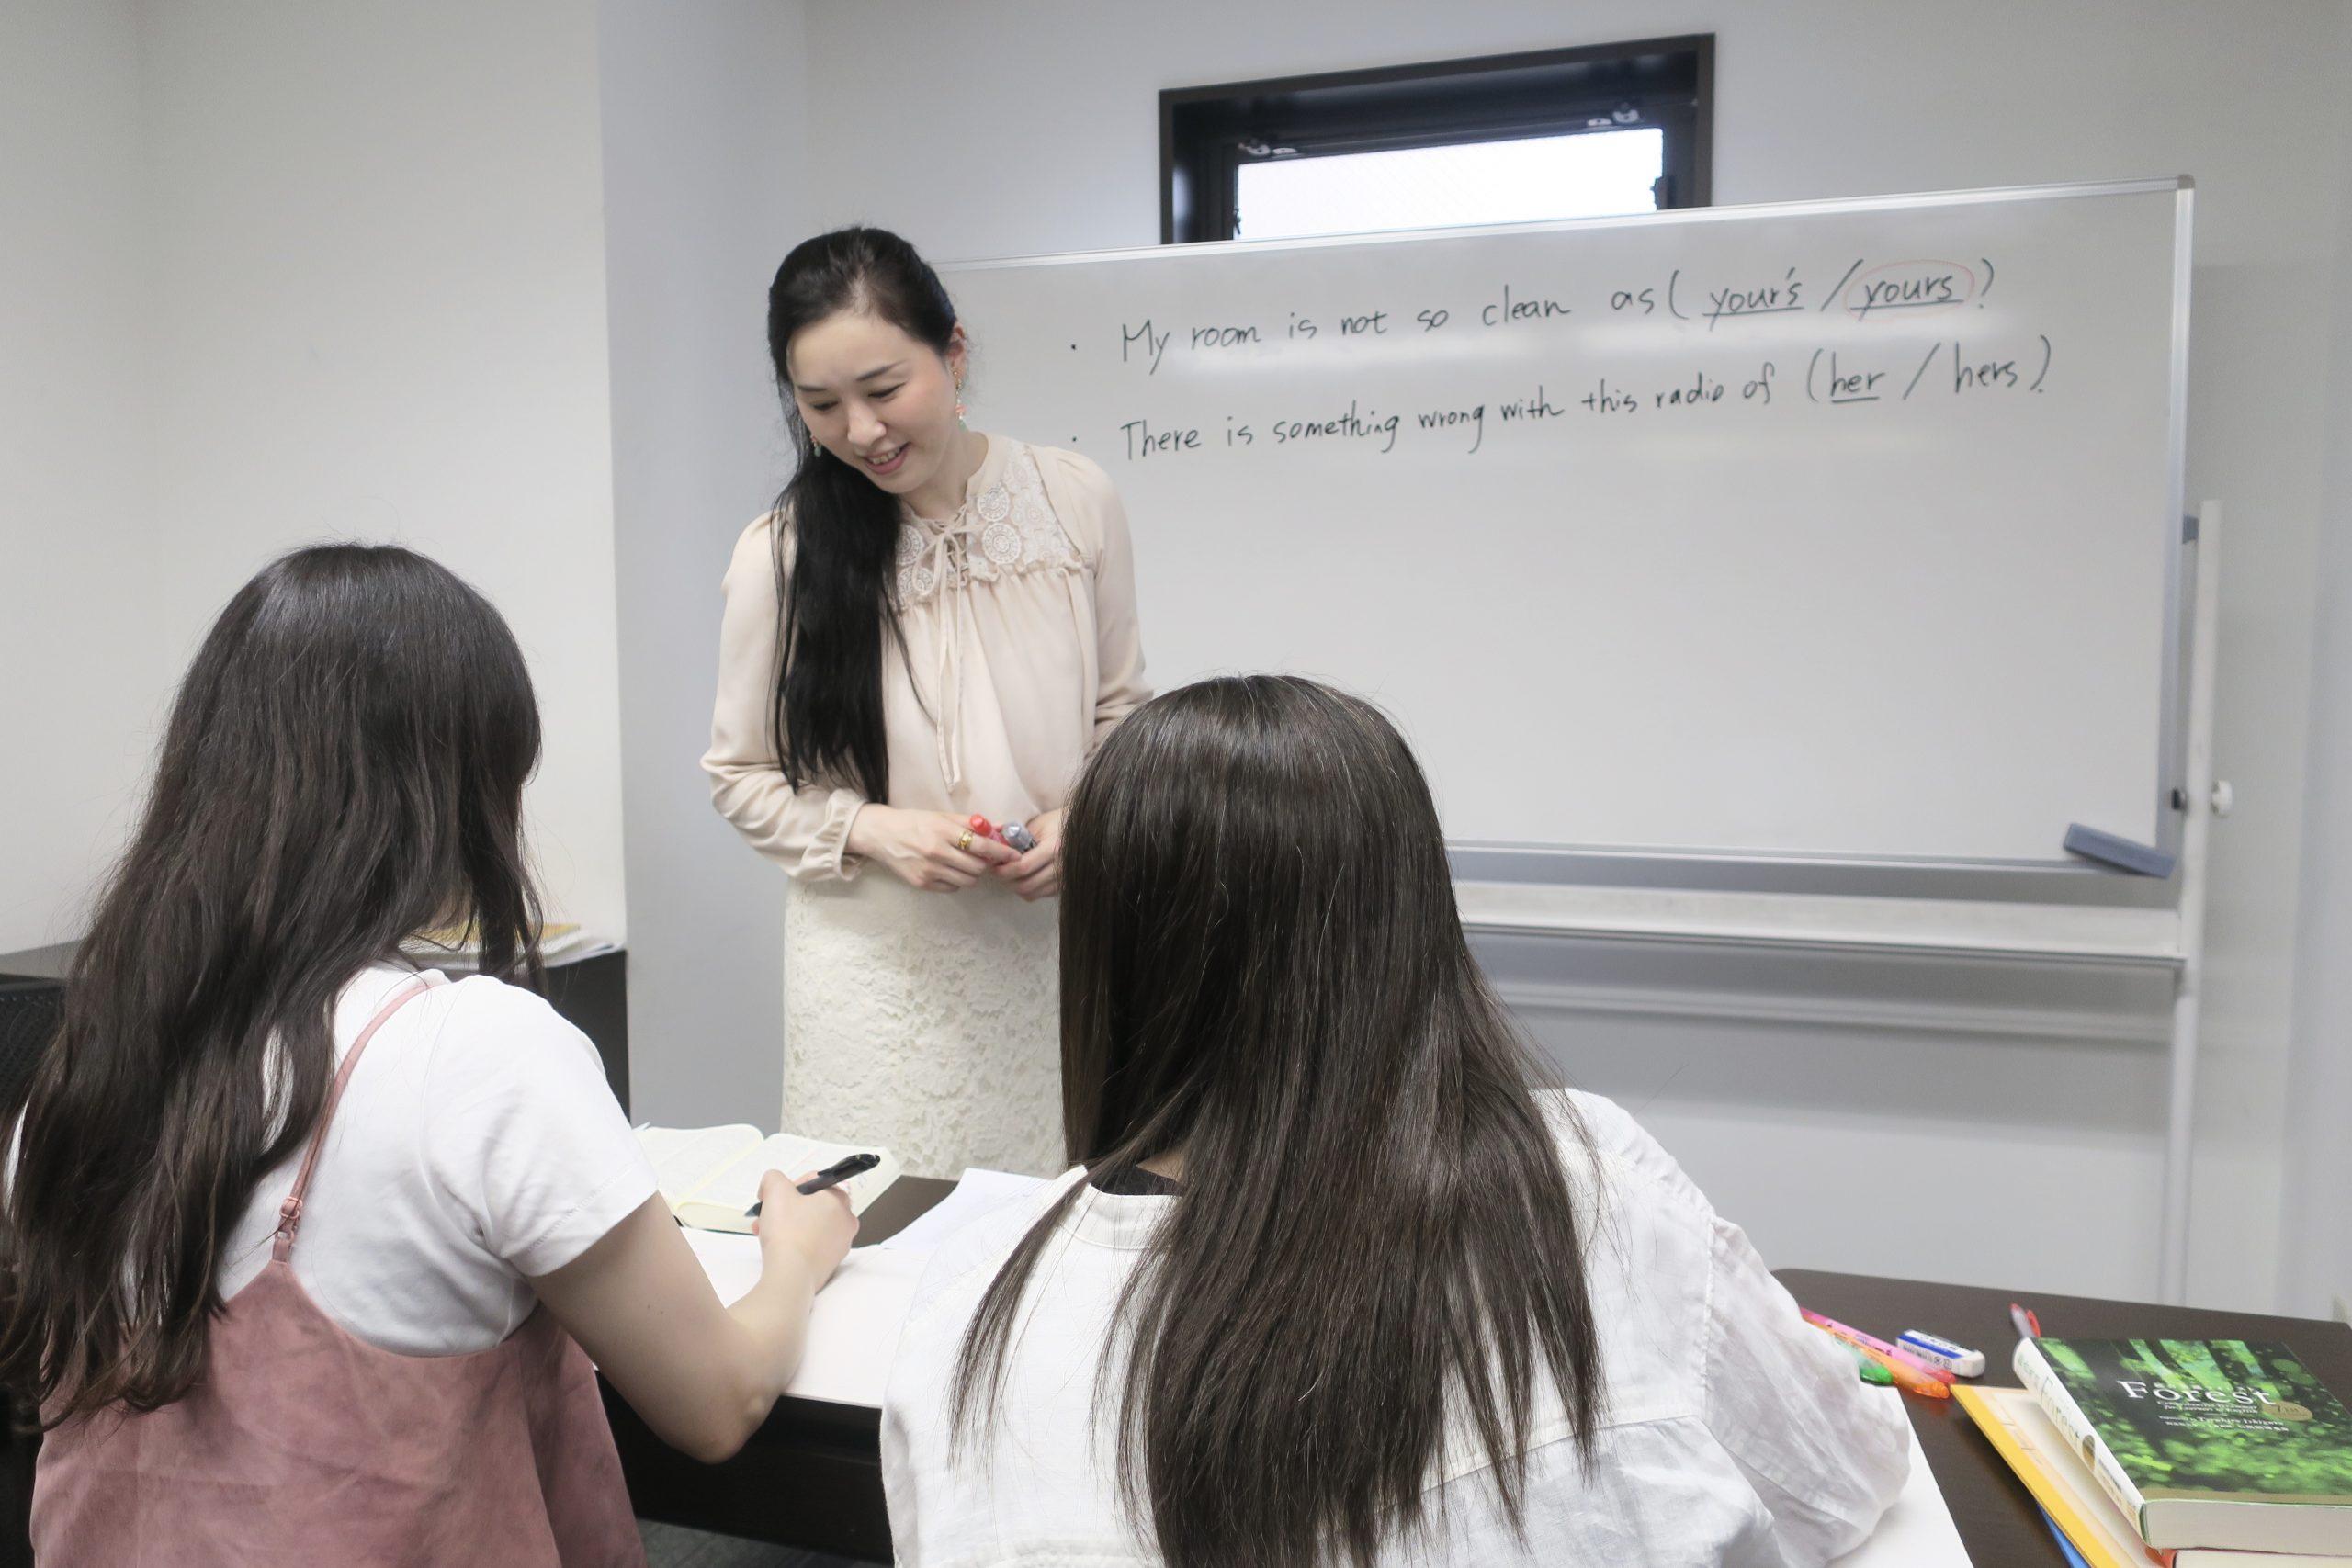 勉強を教える女性とその生徒